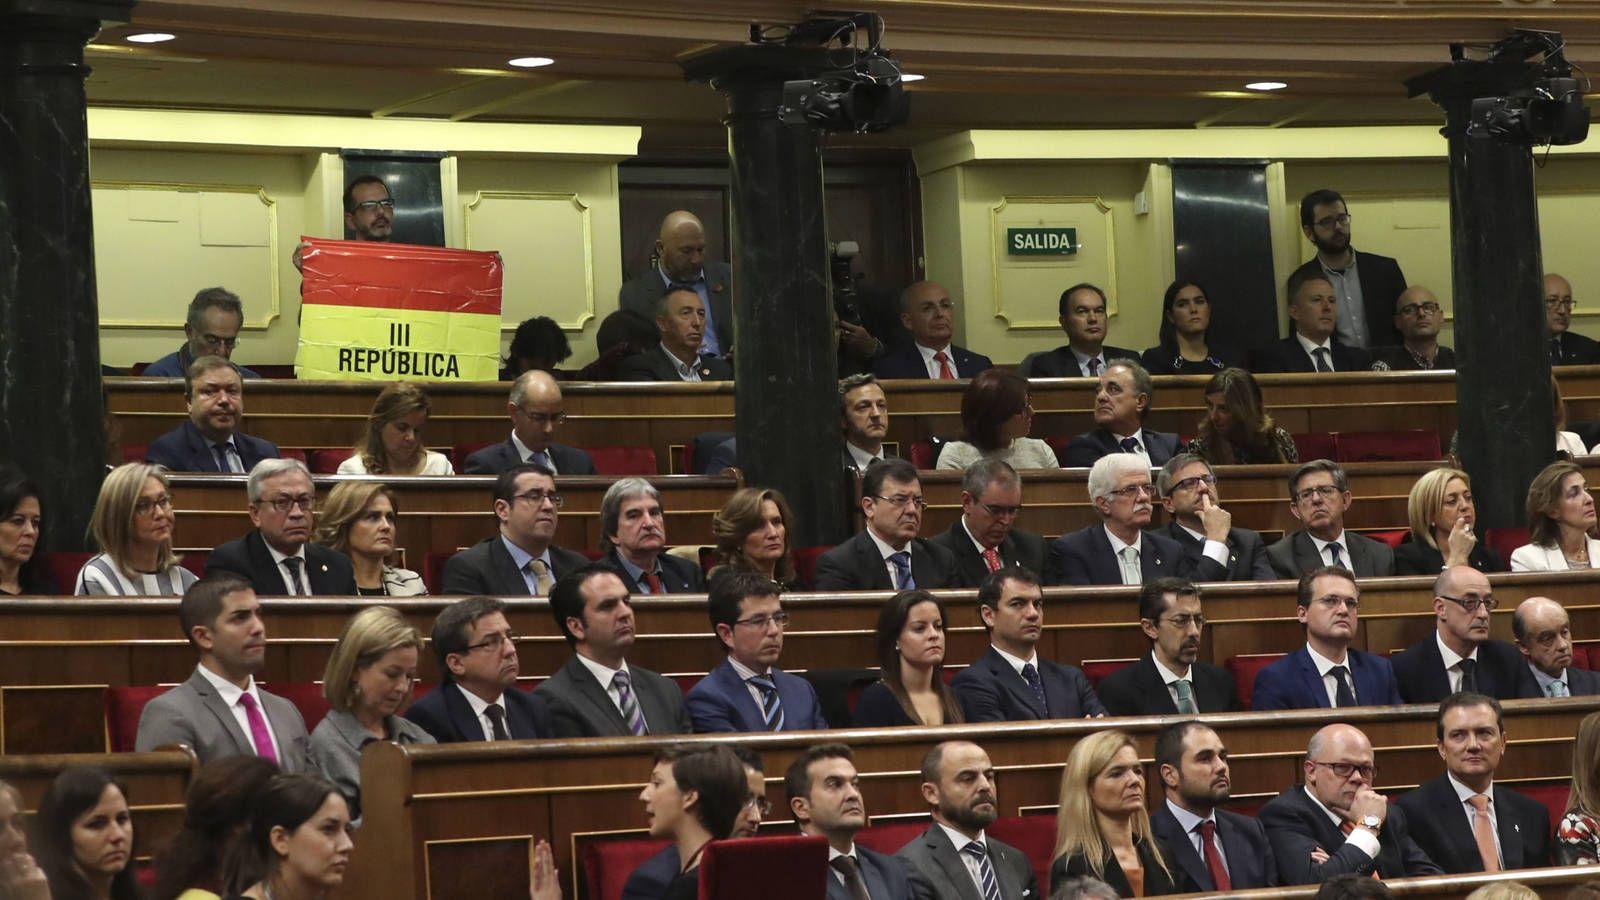 Tres o cuatro cosas sobre la que se va a liar en España (y nada que ver con la república)